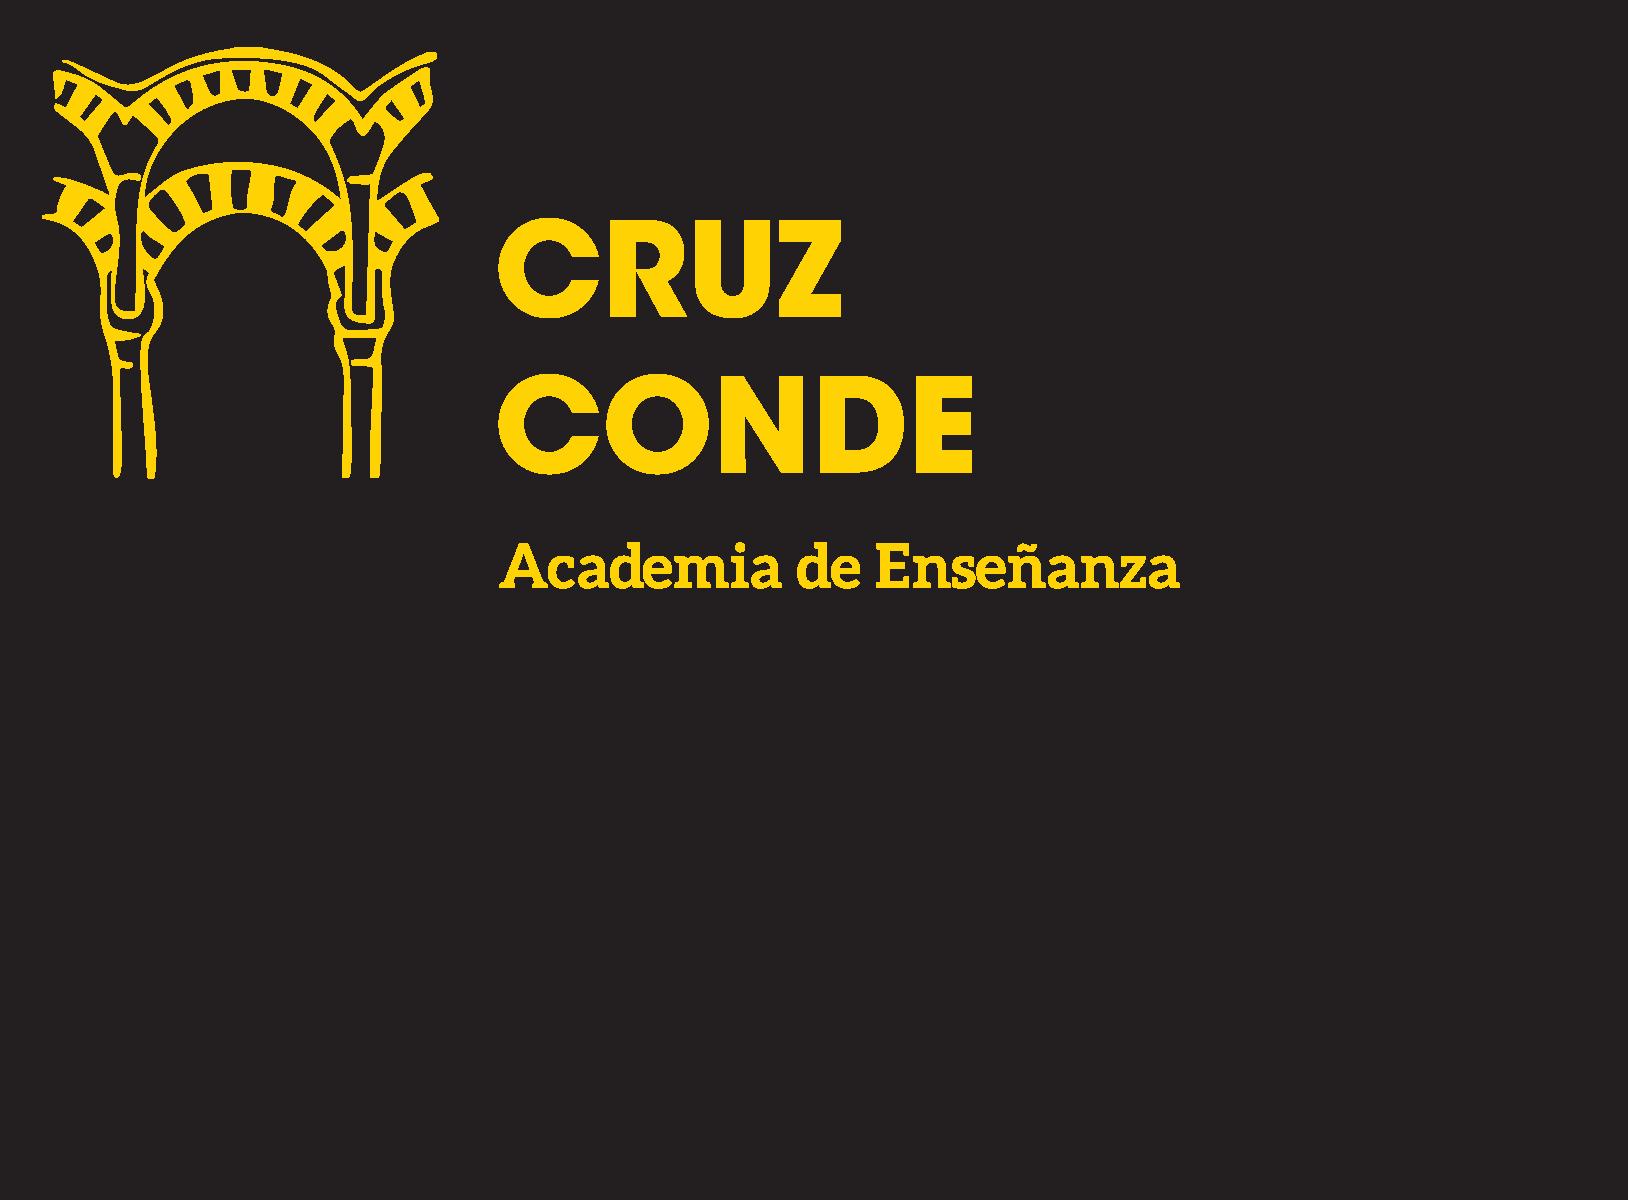 Academia Cruz Conde